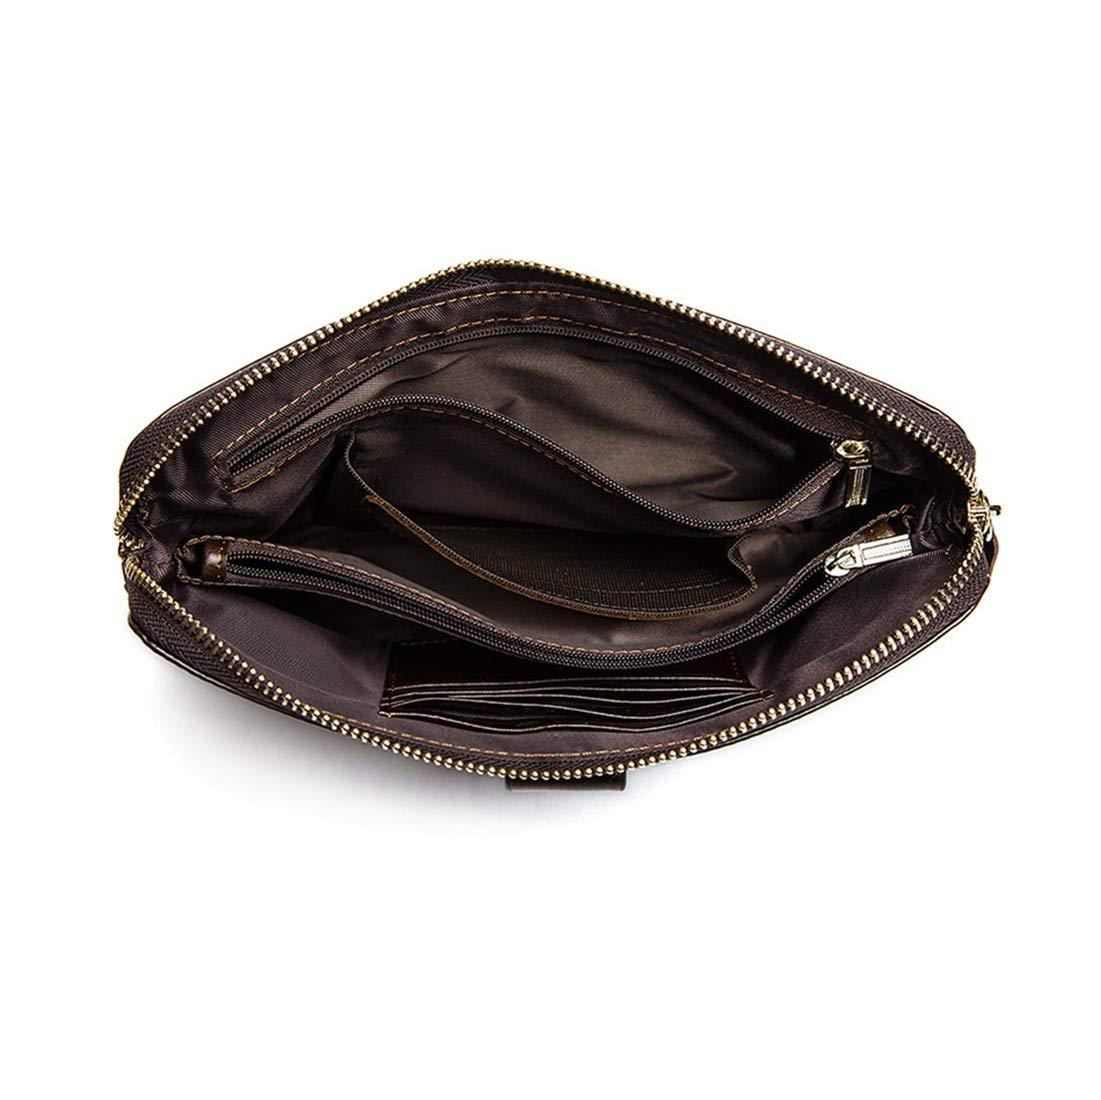 Haxibkena Herren Brieftasche Leder Leder Leder Business Clutch Bag Handytasche Geldbörse (Farbe   Light braun) B07M6C65NR Geldbrsen 14138f